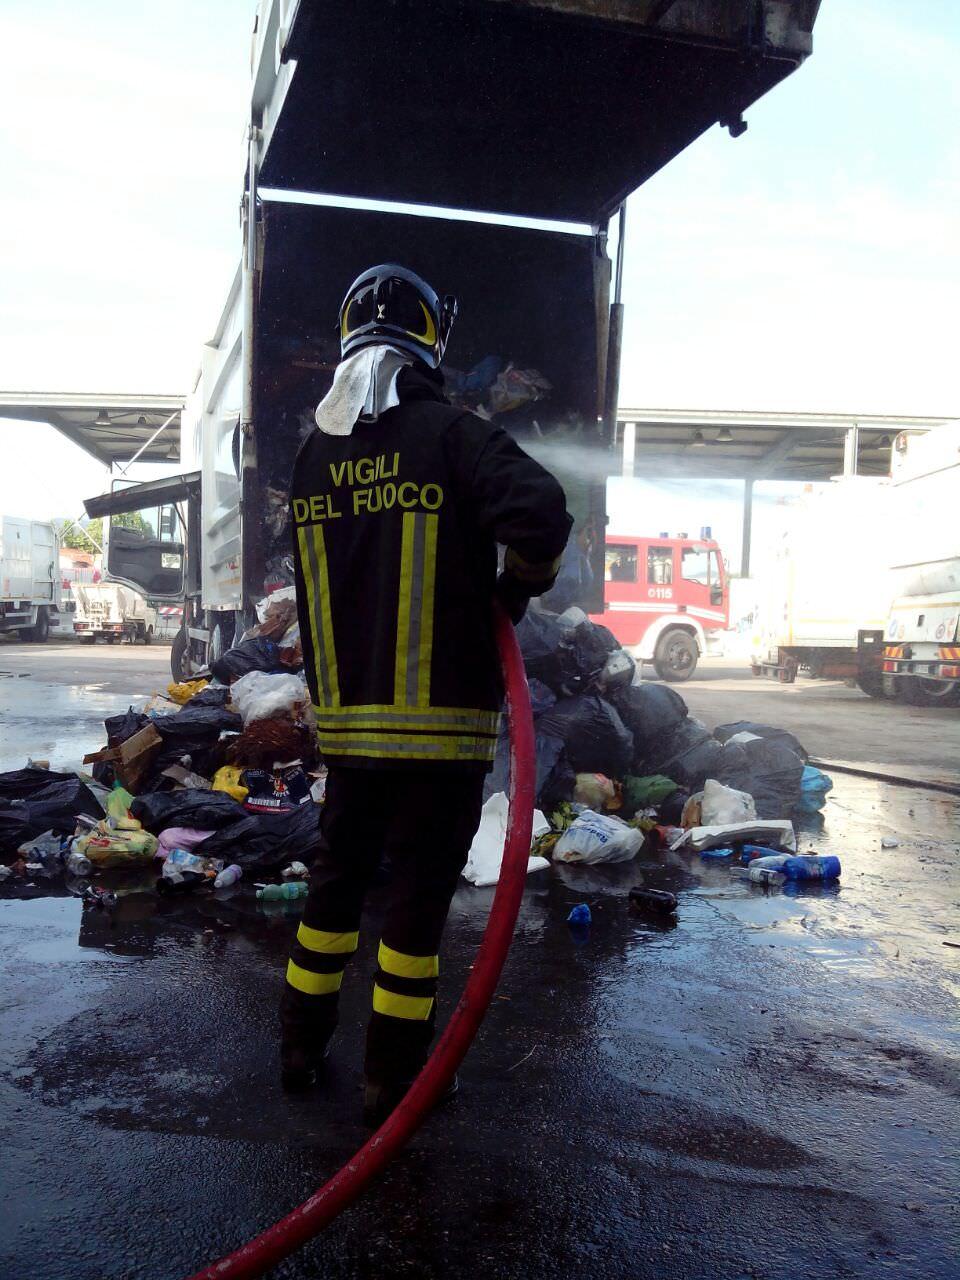 Camion della Sea prende fuoco all'interno del deposito